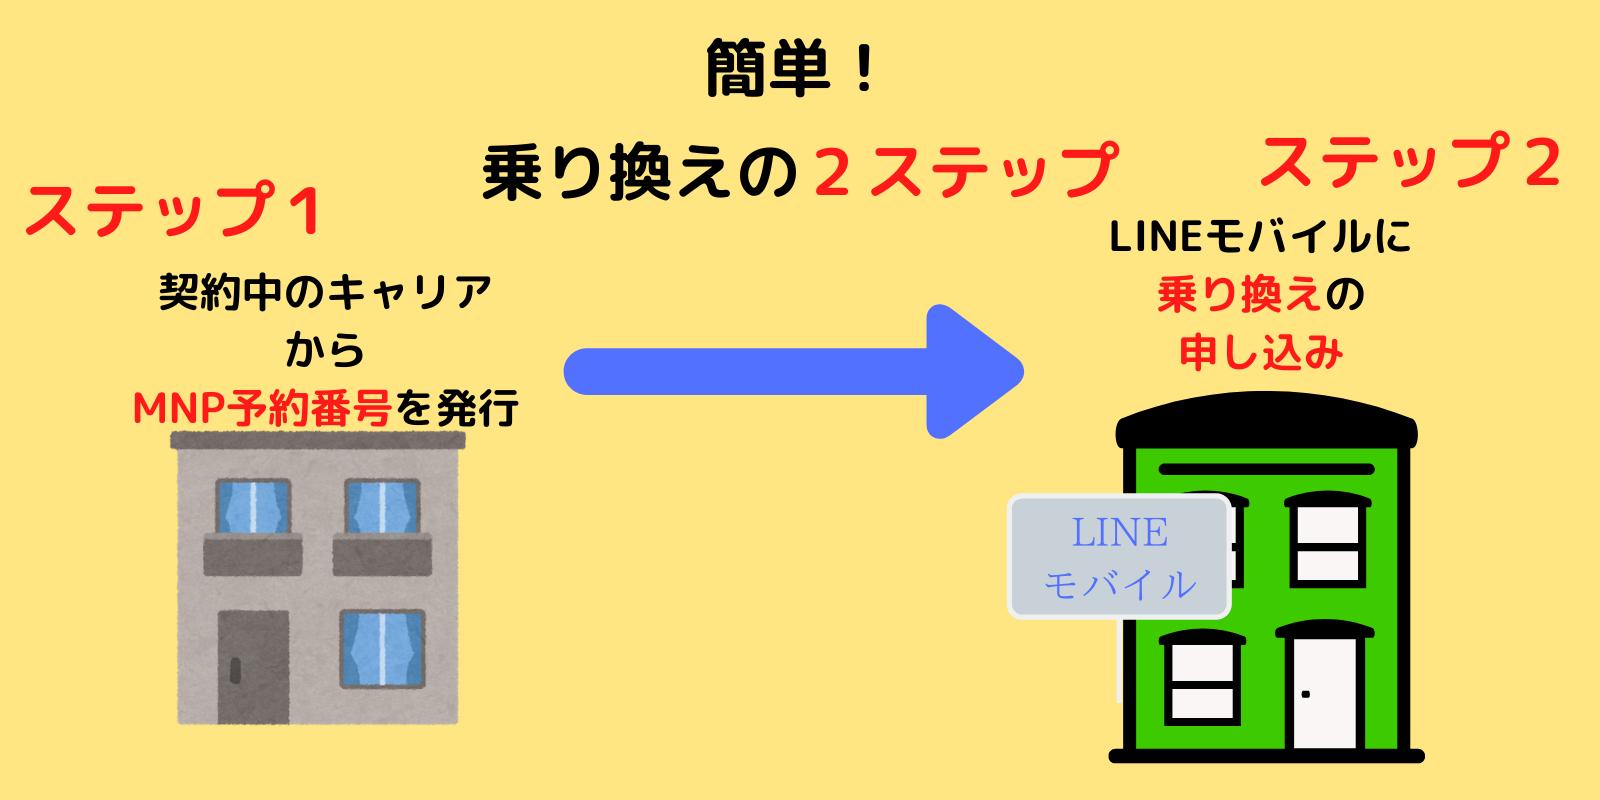 LINEモバイルに乗り換える方法